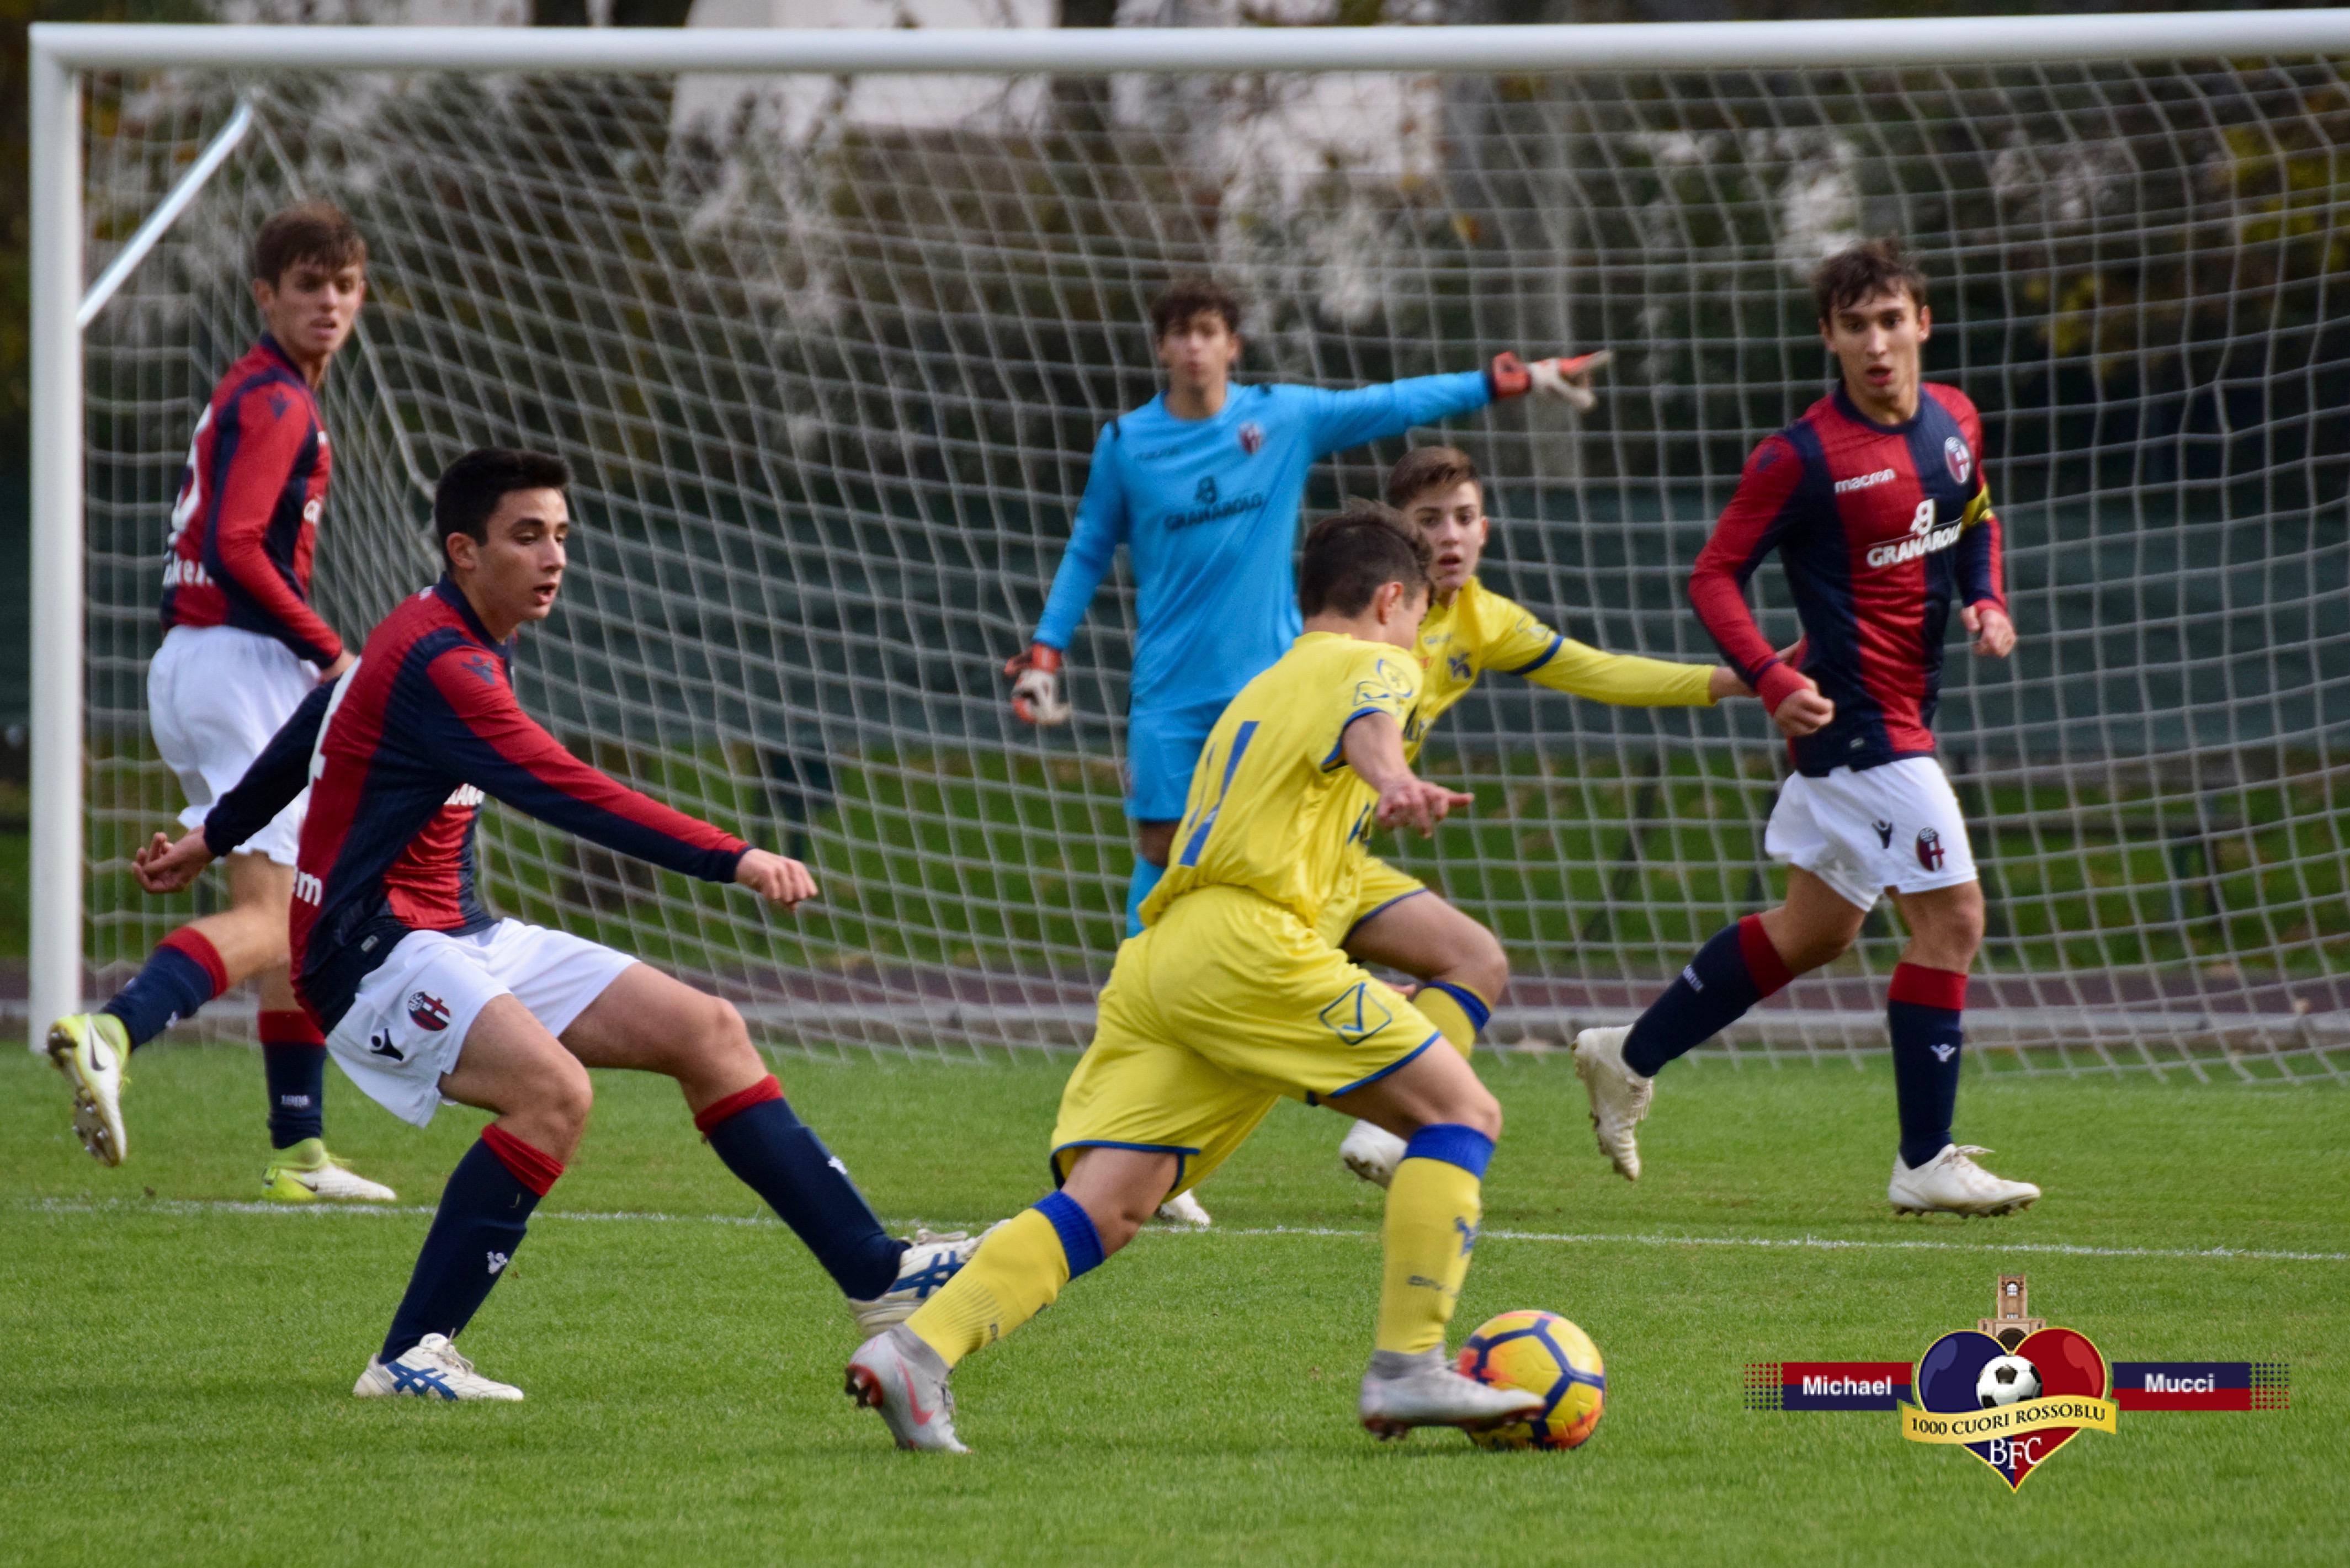 Under17 - Bologna-Chievo Verona 1-0 : Le foto della gara